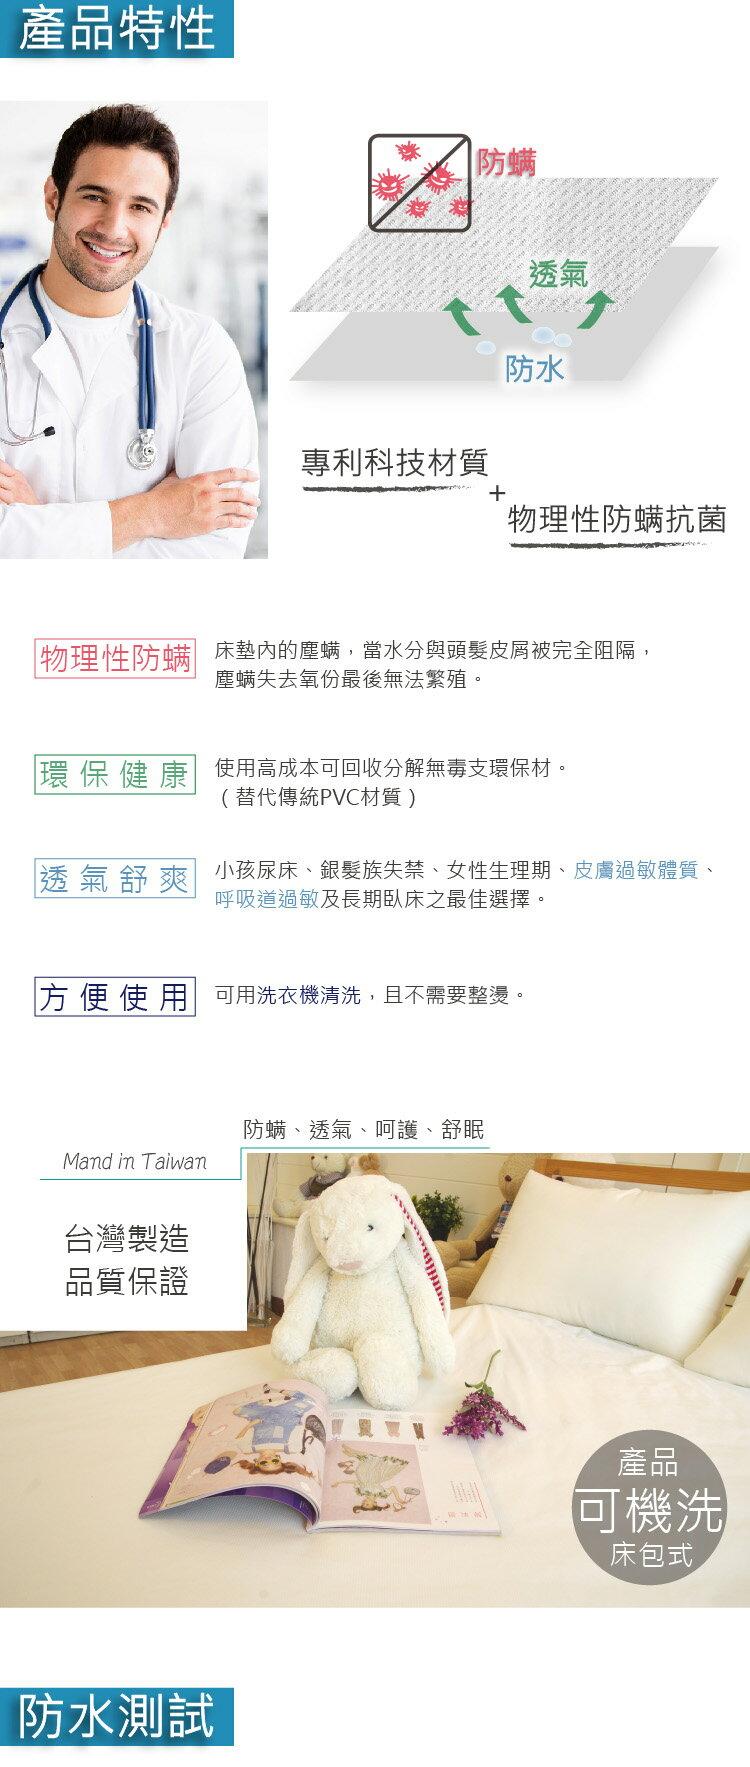 保潔墊/雙人「100%防水、防螨、抗菌、透氣」台灣製造、防?透氣 5x6.2尺床包式保潔墊 #寢國寢城 4